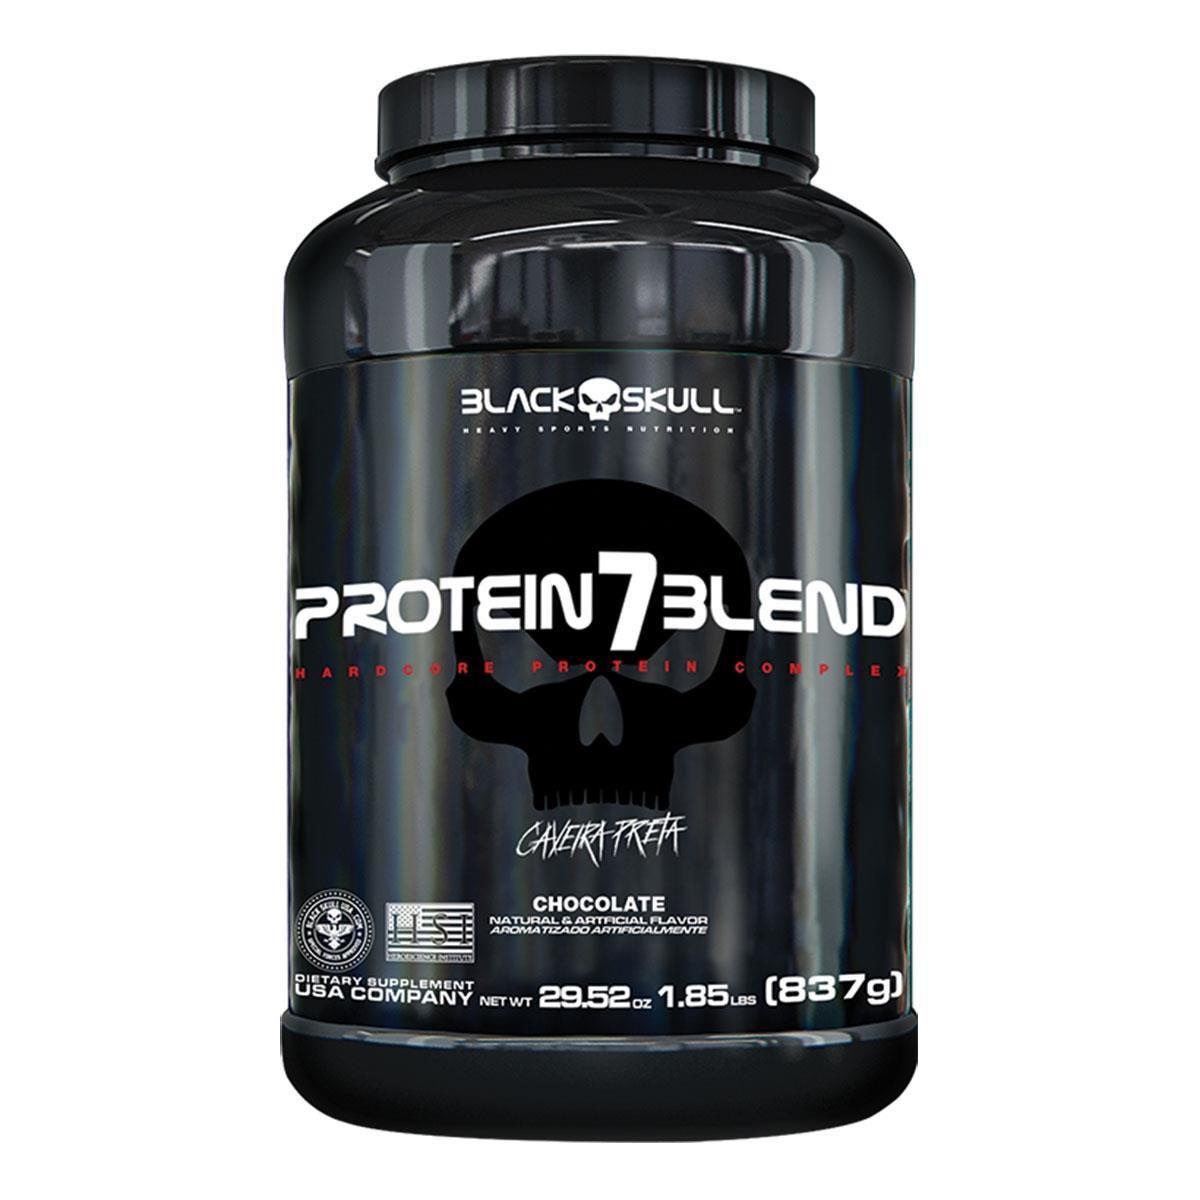 Protein 7 Blend (837g) - Black Skull